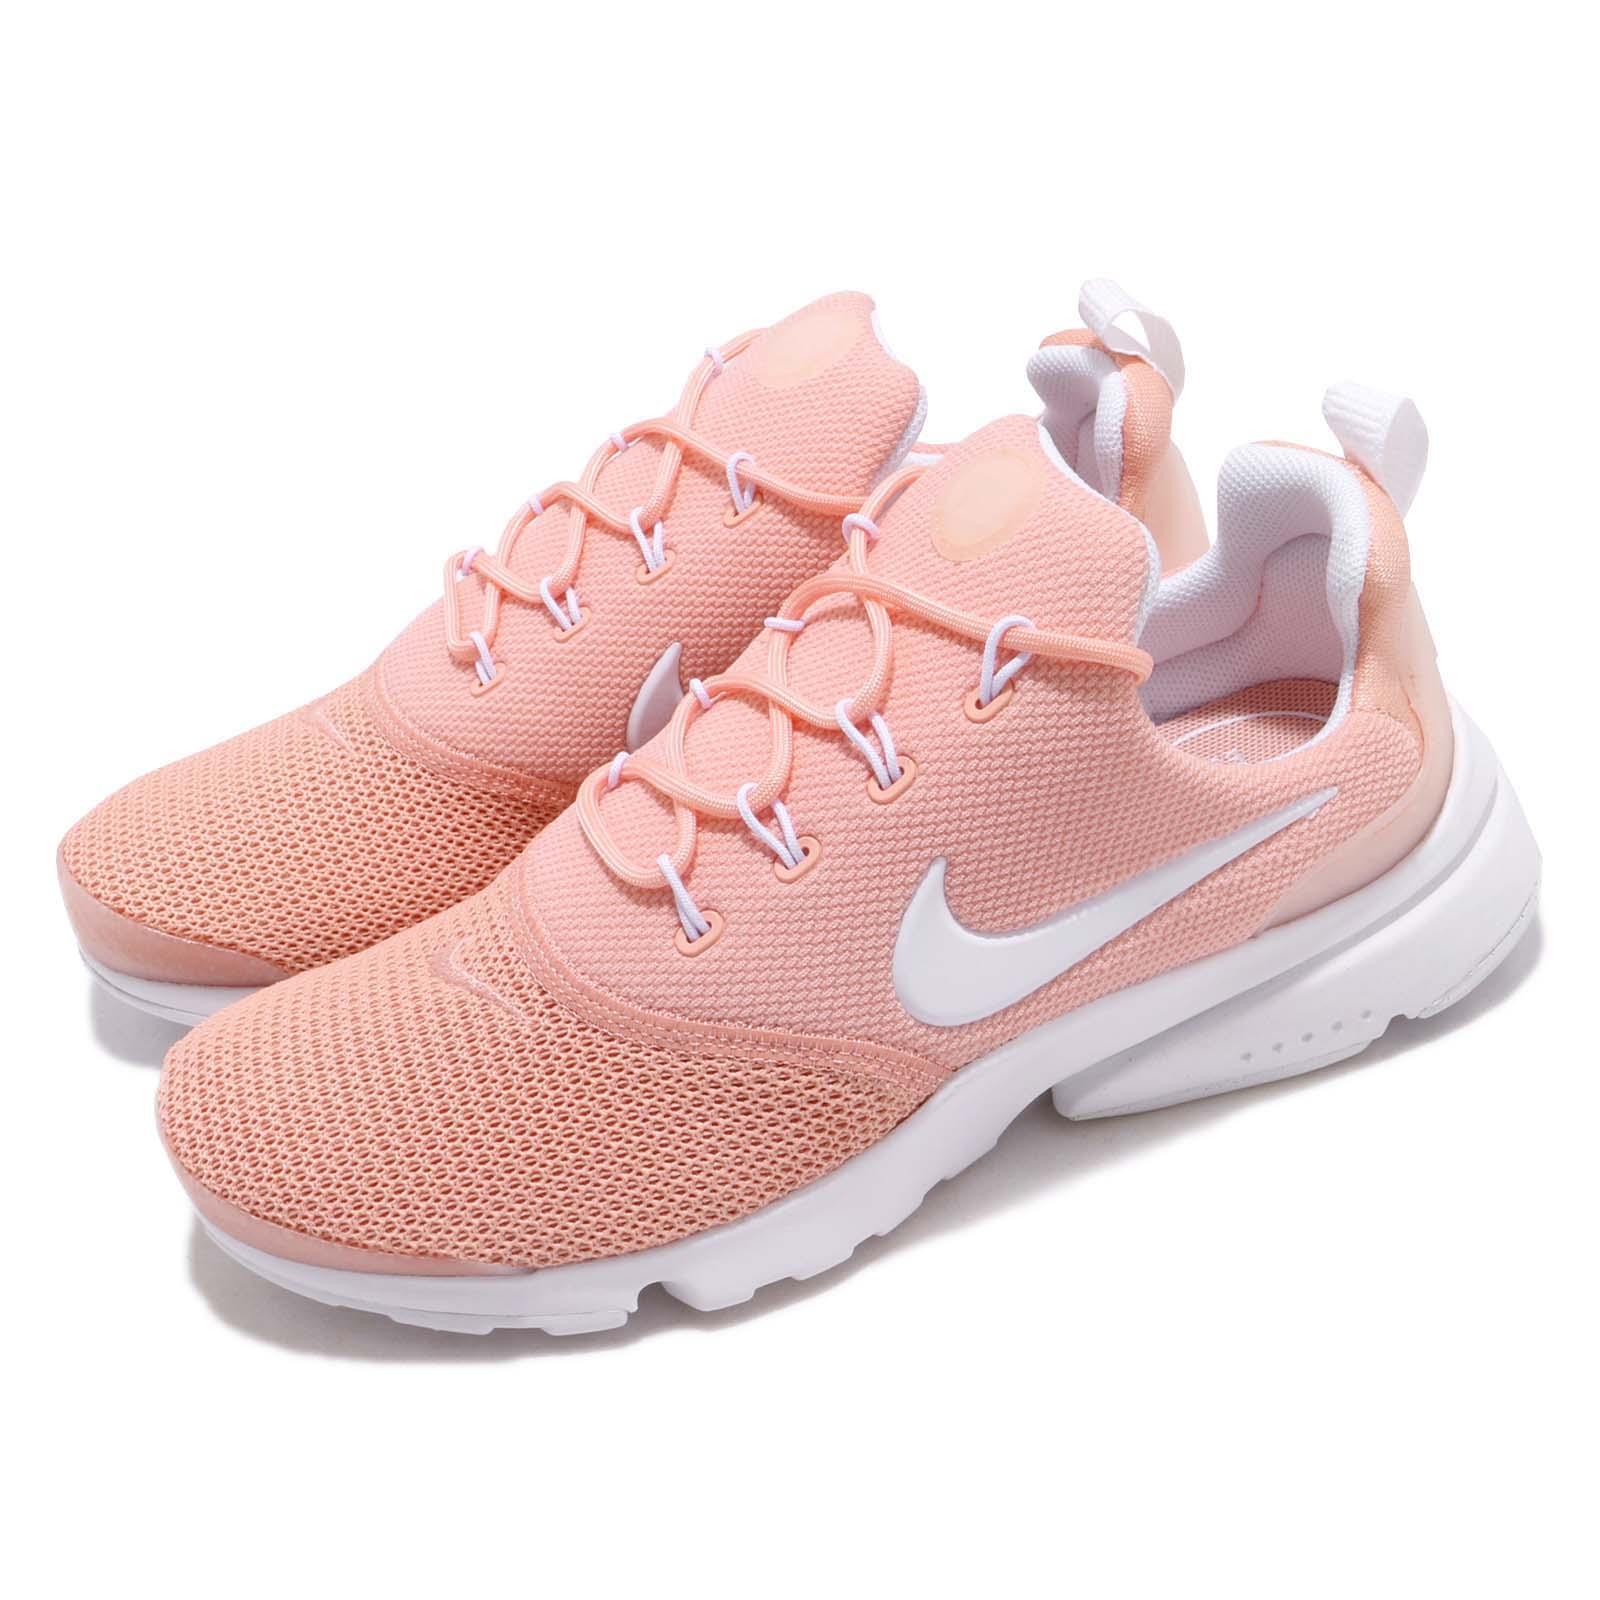 Nike 休閒鞋 Presto Fly 襪套 運動 女鞋 910569-605